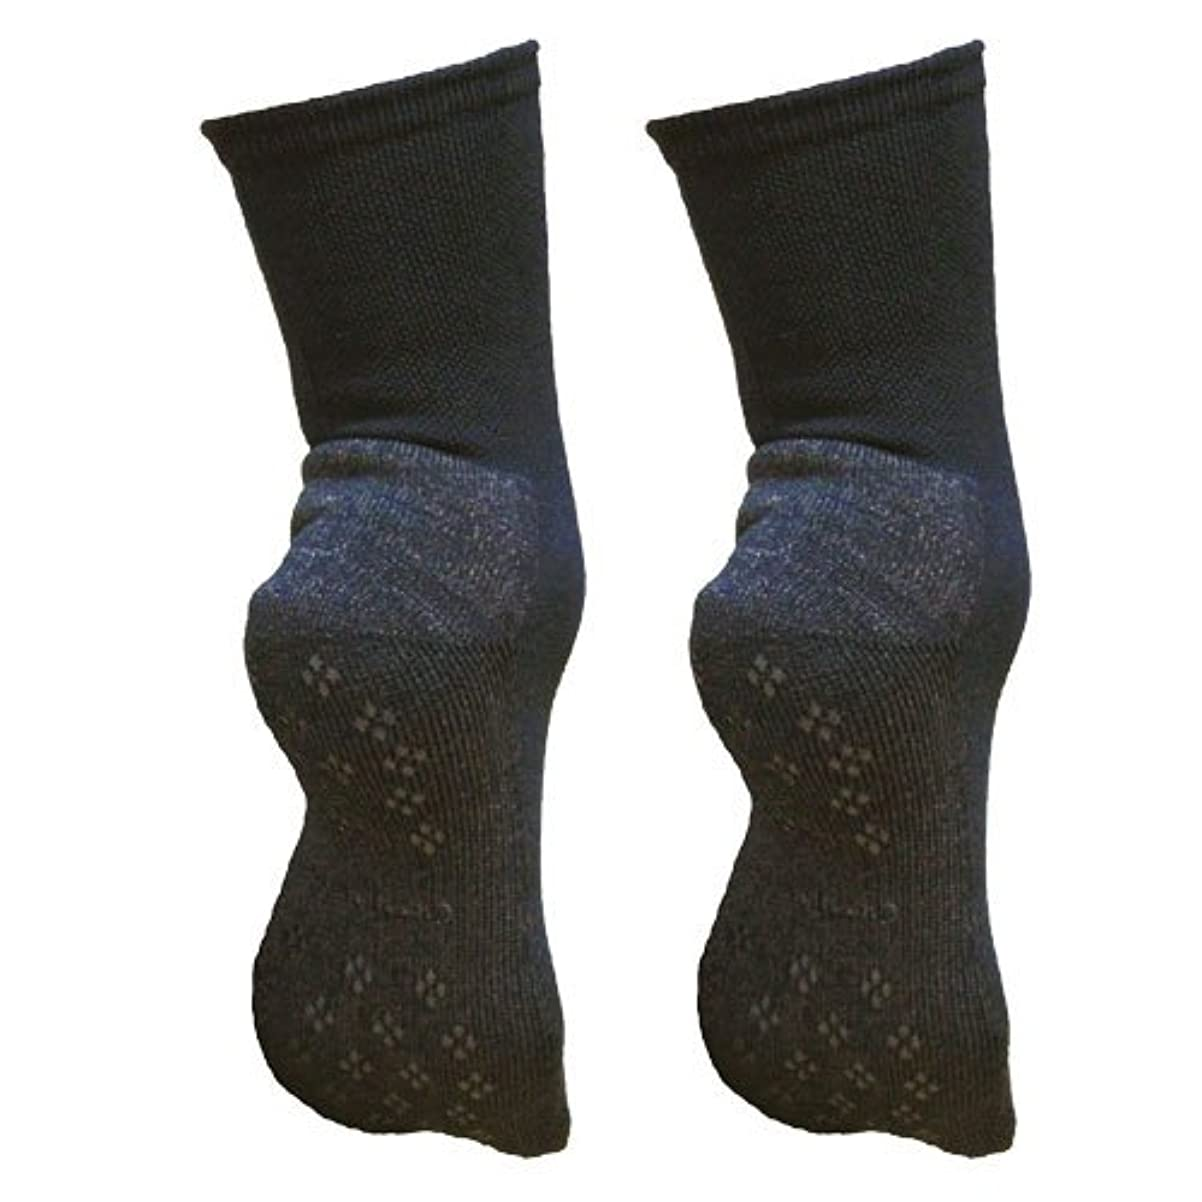 突き刺す可能嫉妬銅繊維靴下「足もとはいつも青春」パイルタイプ2足セット 靴底のあたたかさ重視